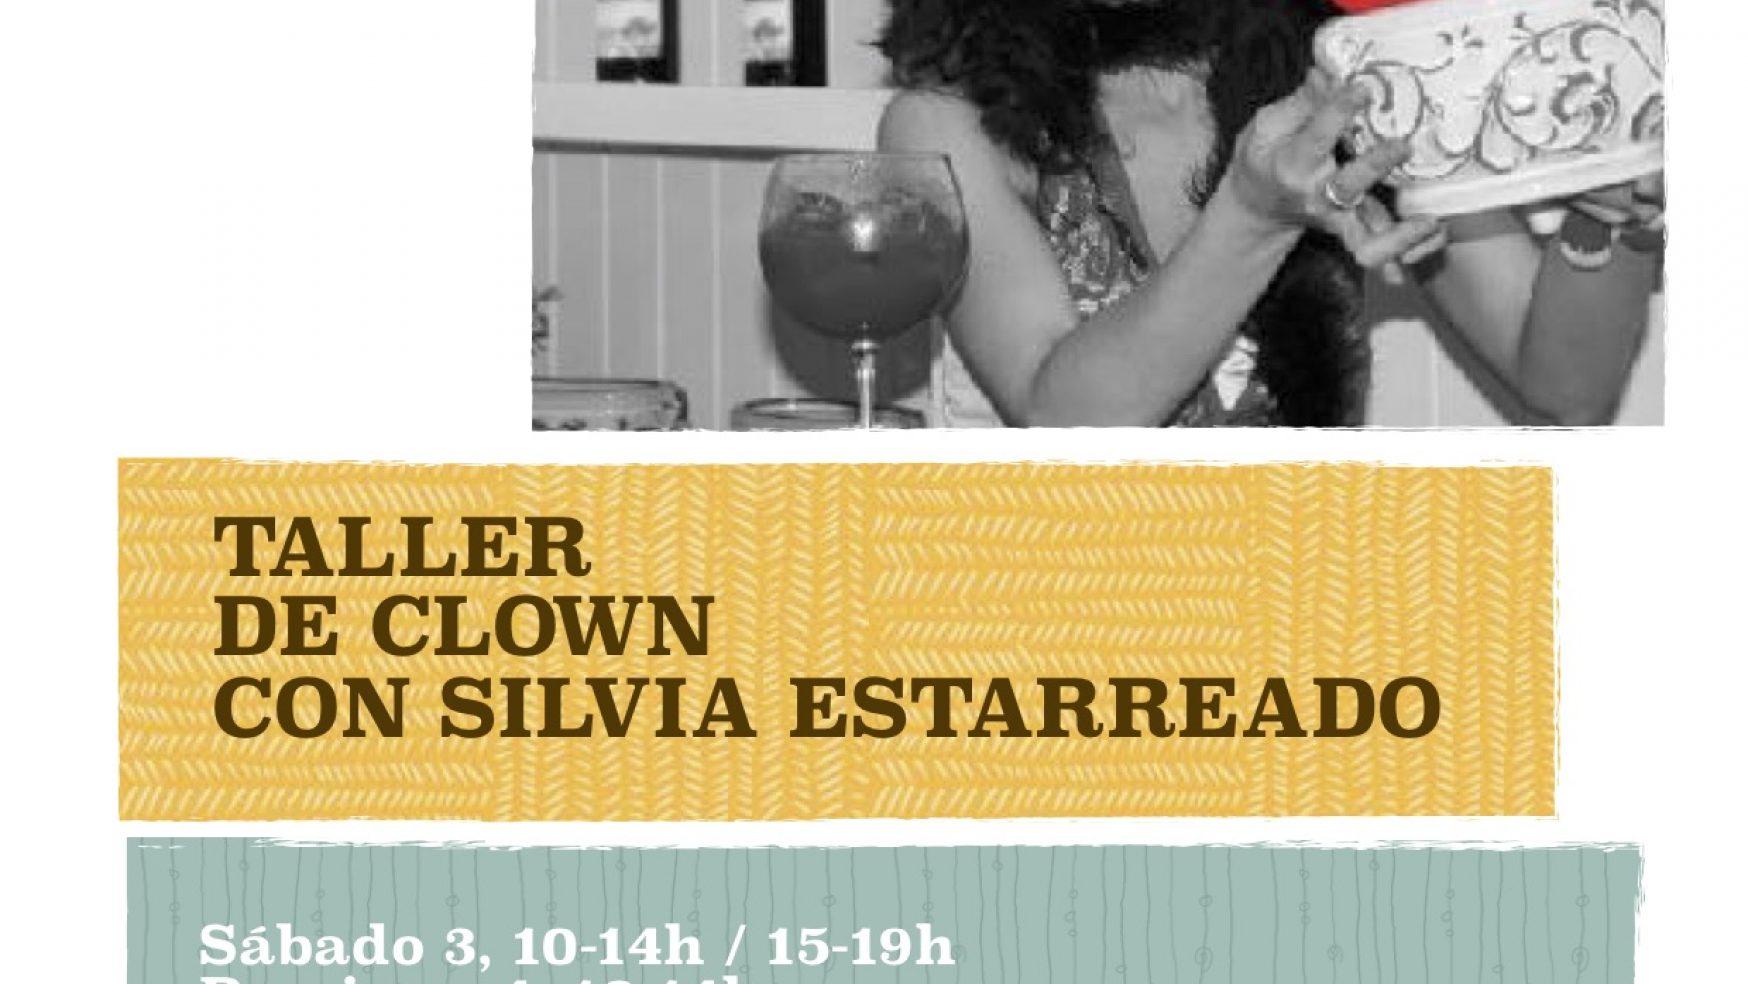 INVIERNO: Taller de clown con Silvia Estarreado